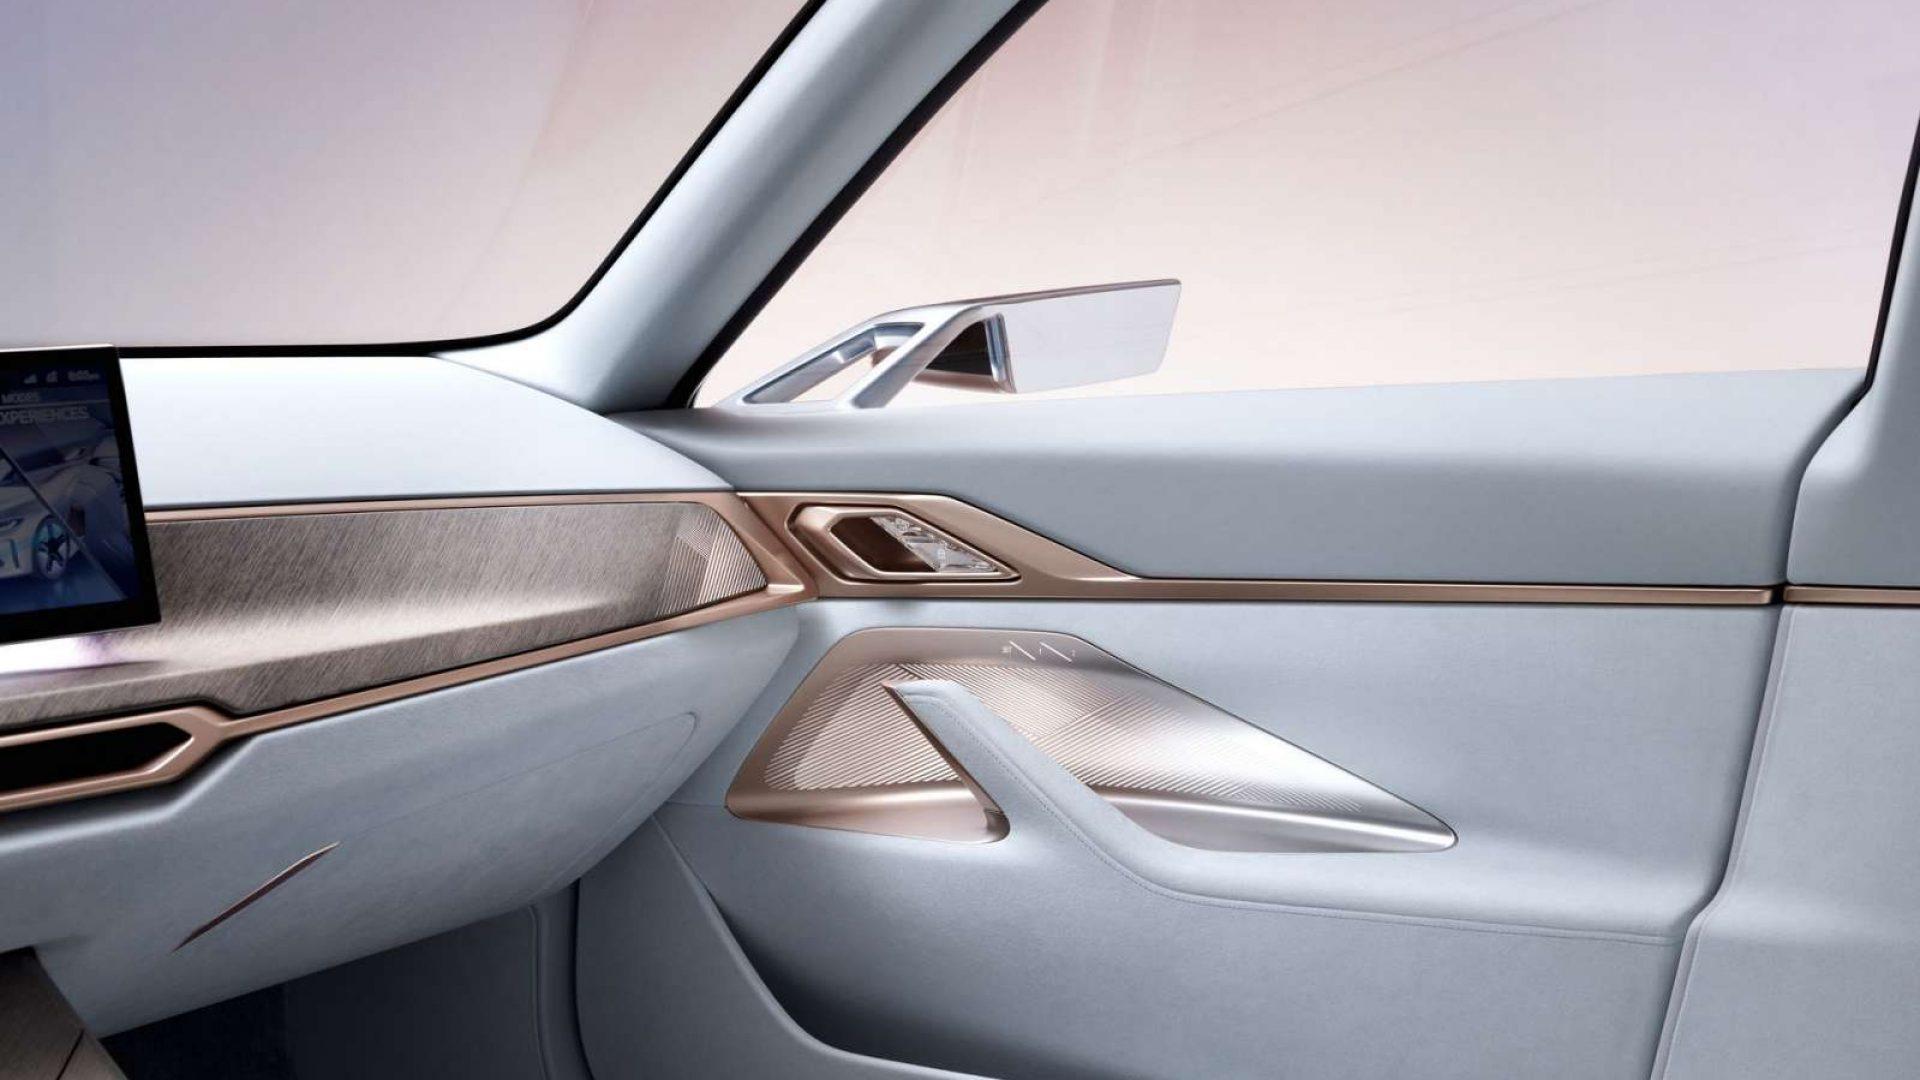 2020-BMW-Concept-i4-Interior-09